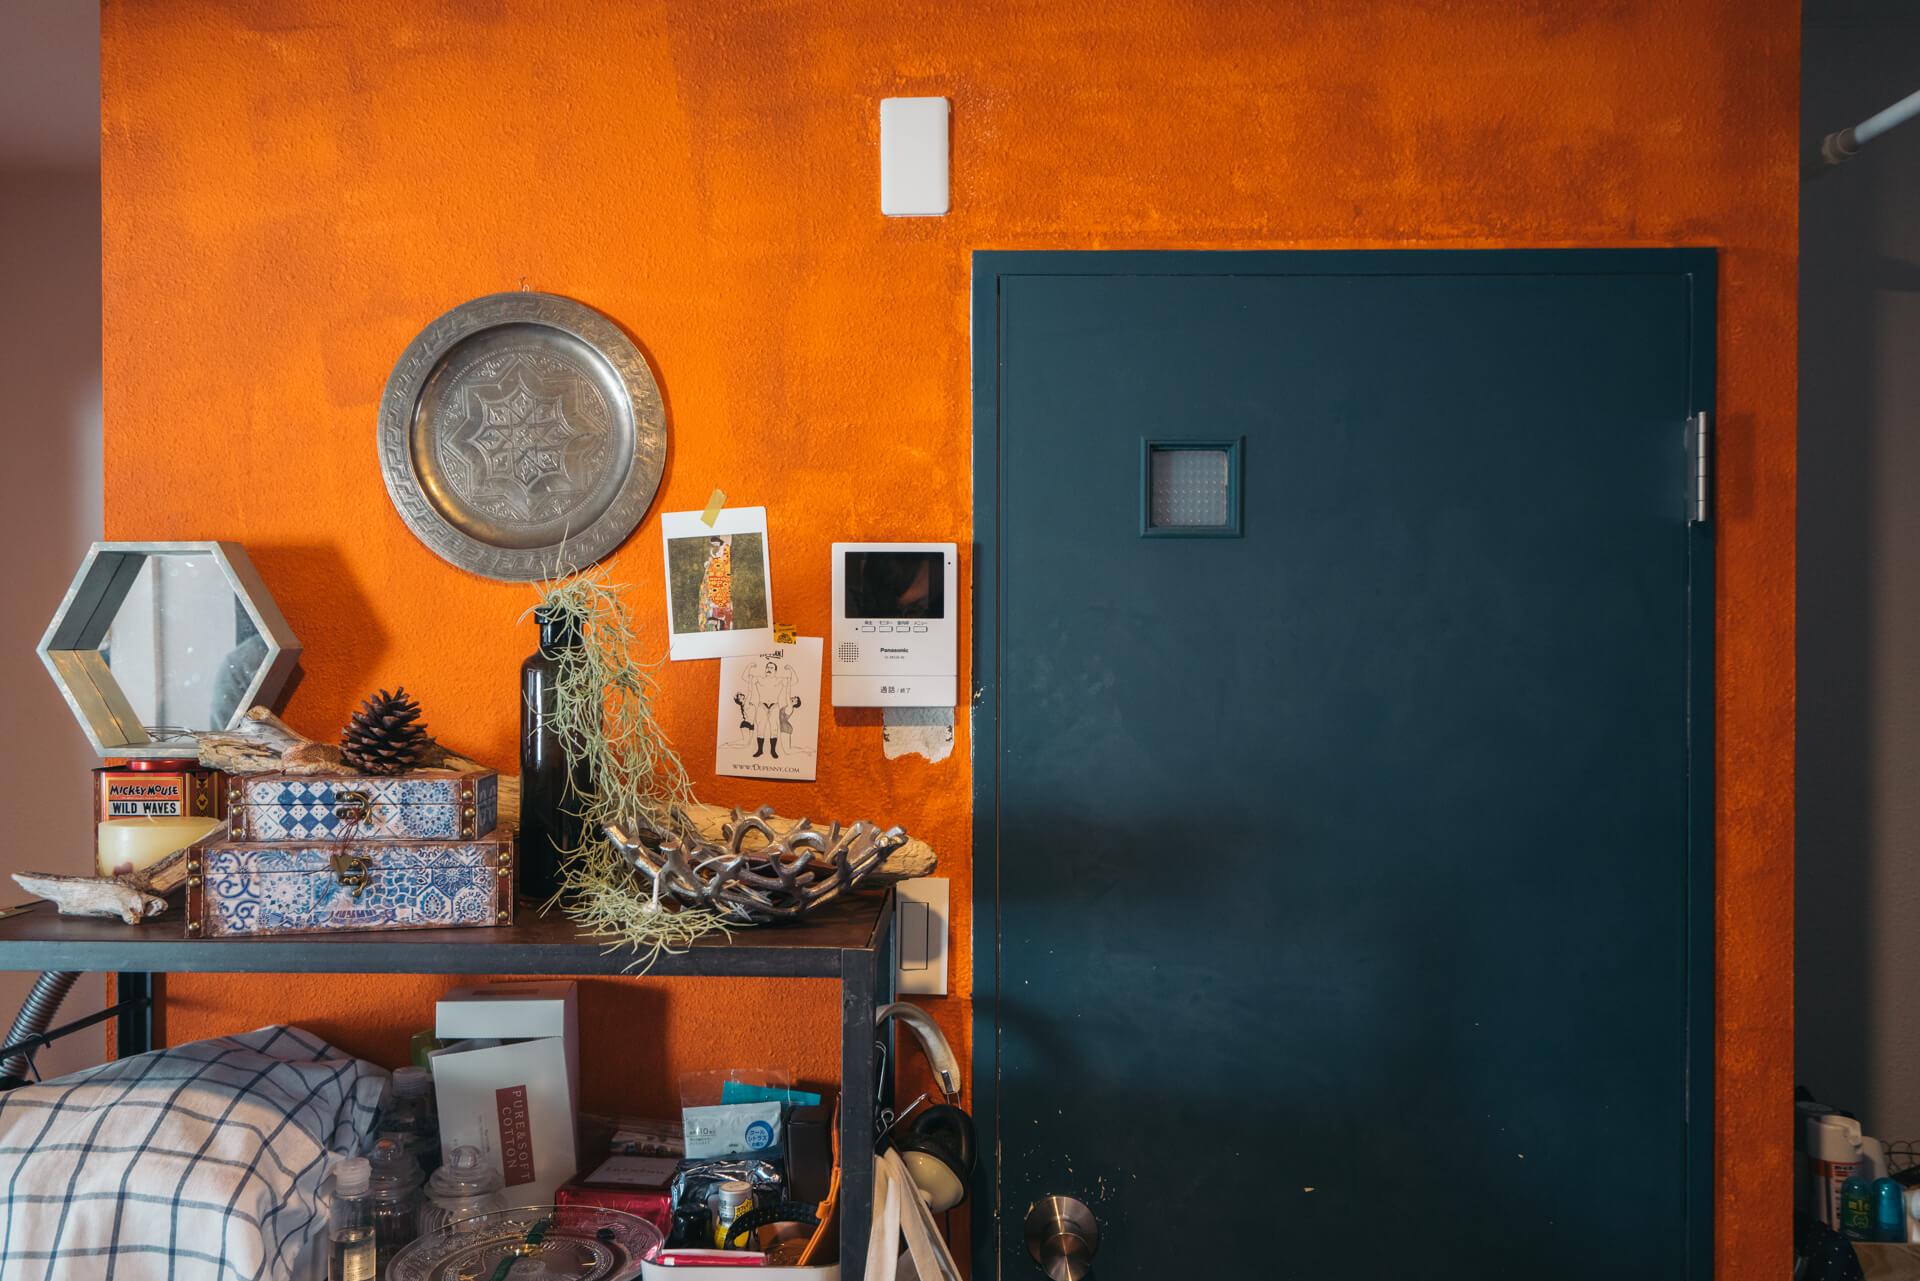 こちらは、バスルームの前の壁。ブルーとオレンジのコントラストが効いた、印象的なお部屋に仕上がりました!